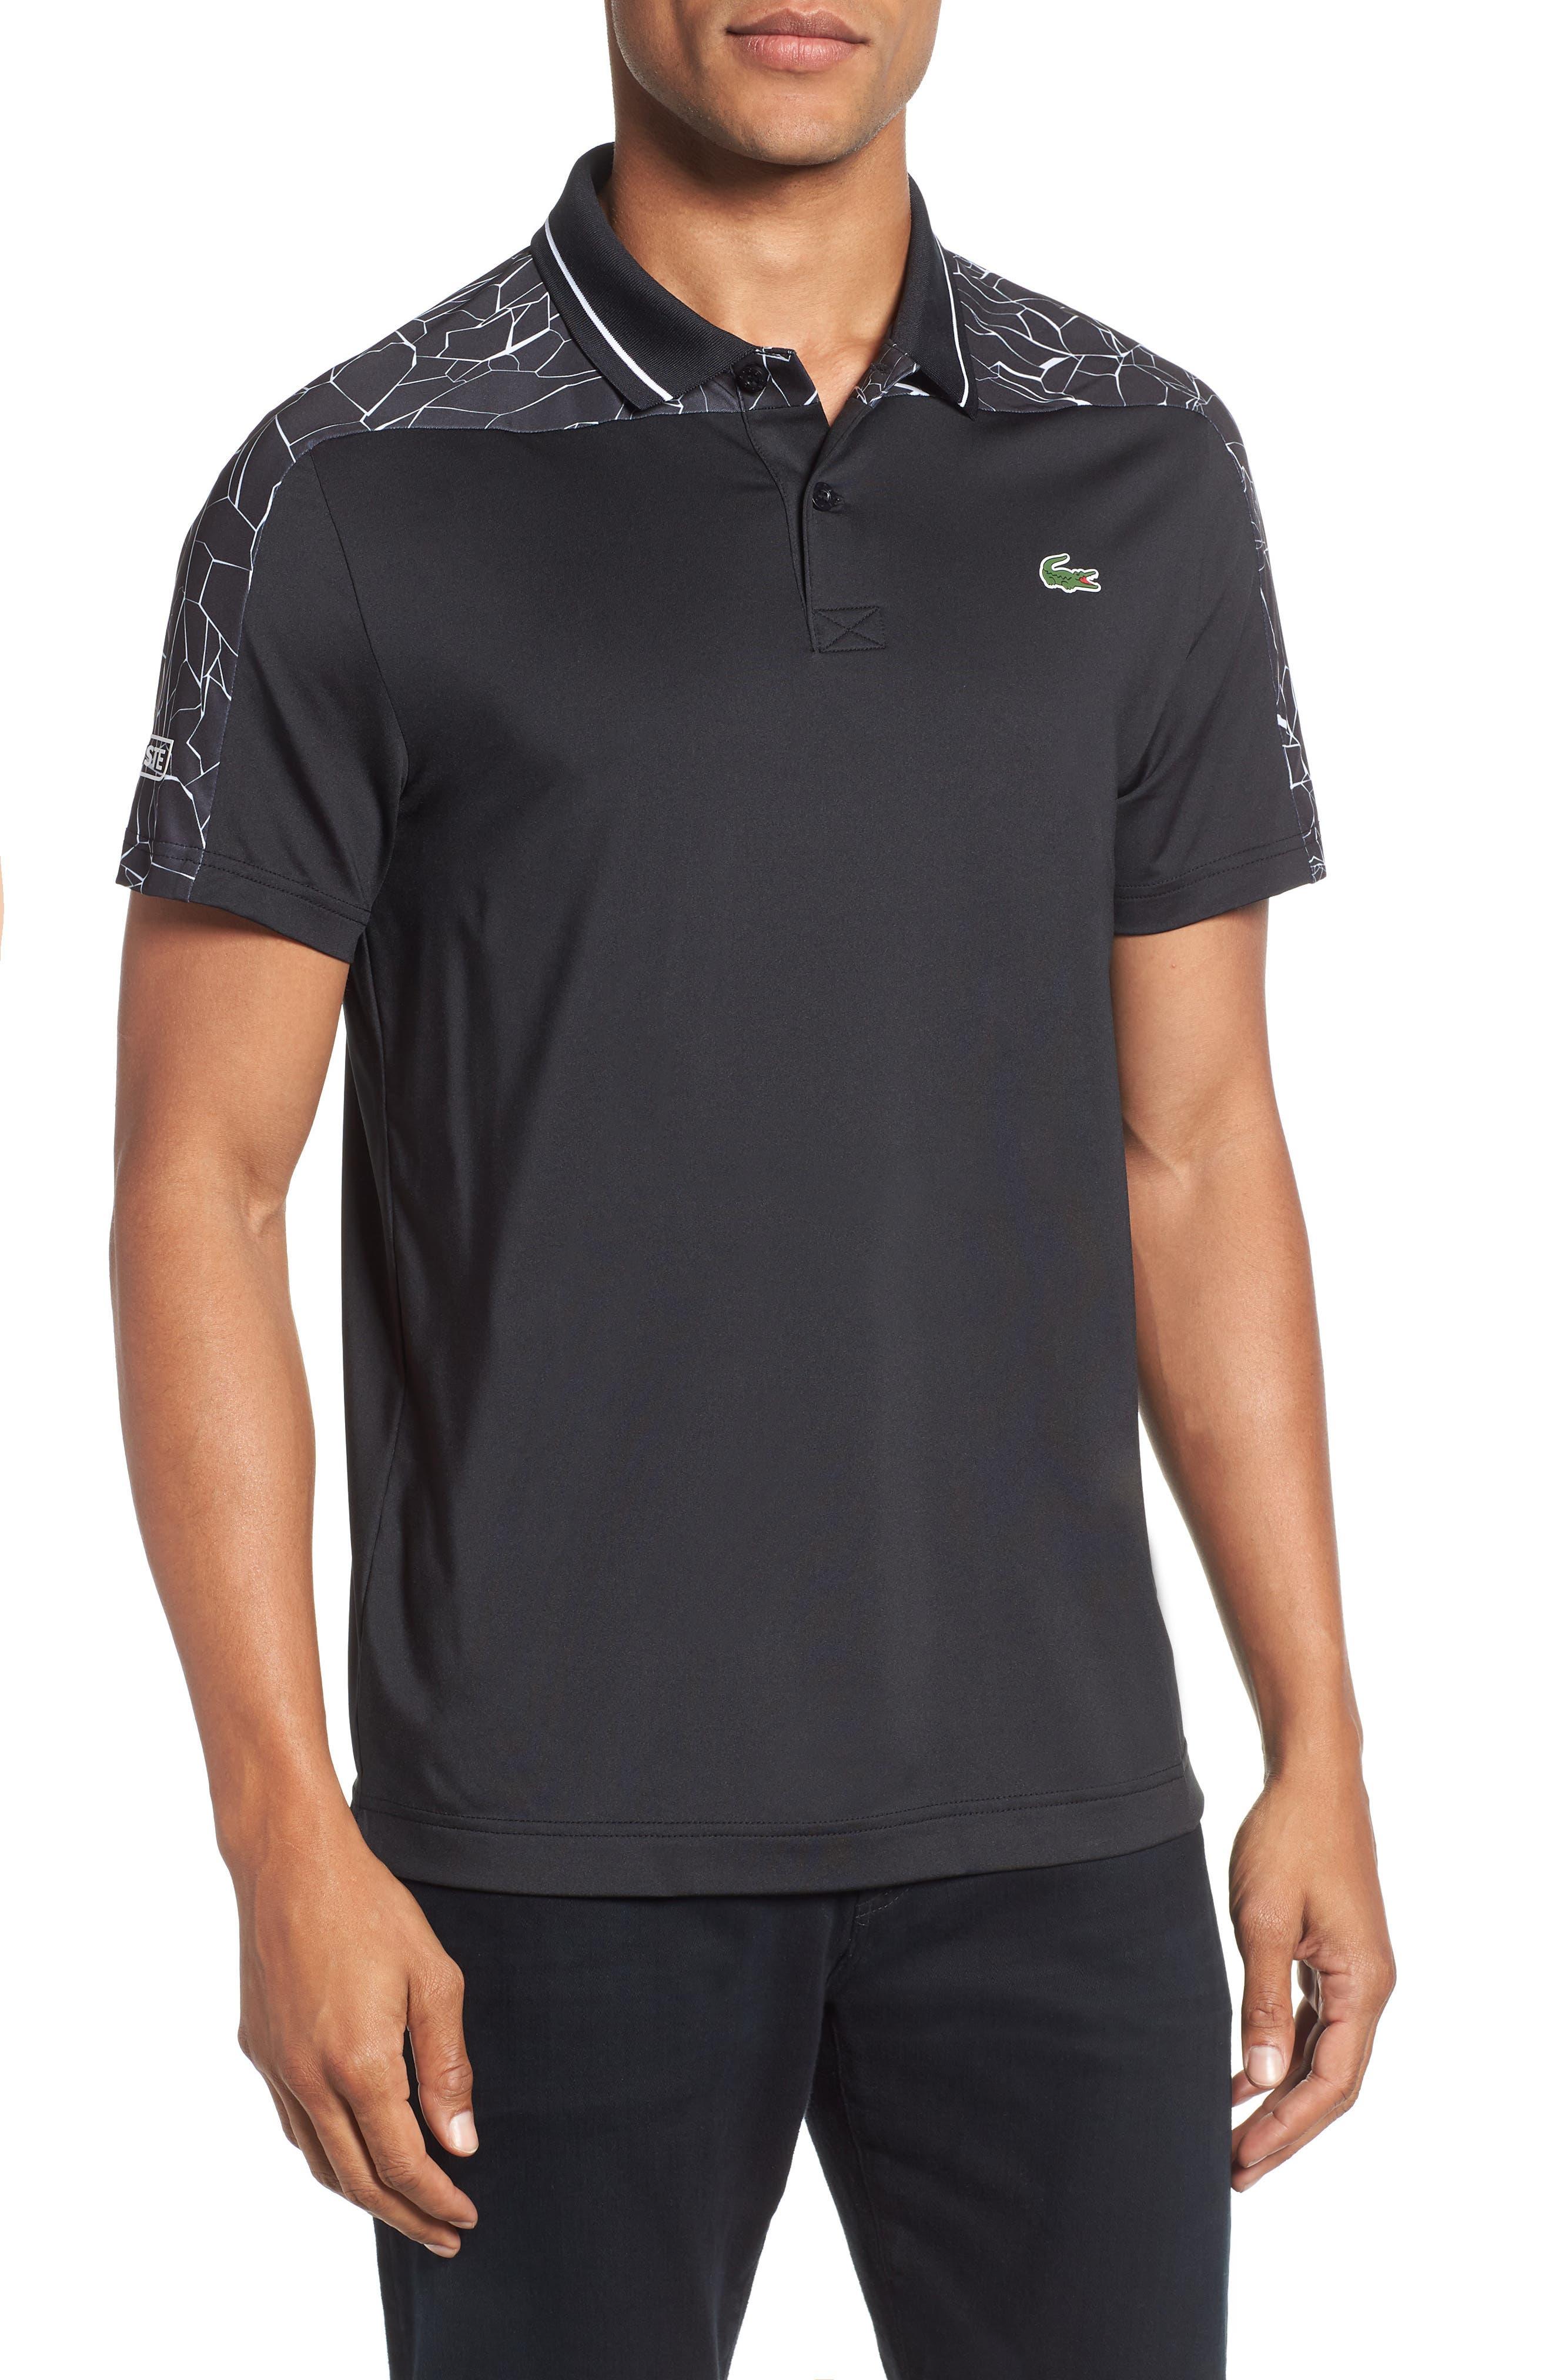 Regular Fit Novak Djokovic Ultra Dry Polo,                             Main thumbnail 1, color,                             BLACK/ WHITE